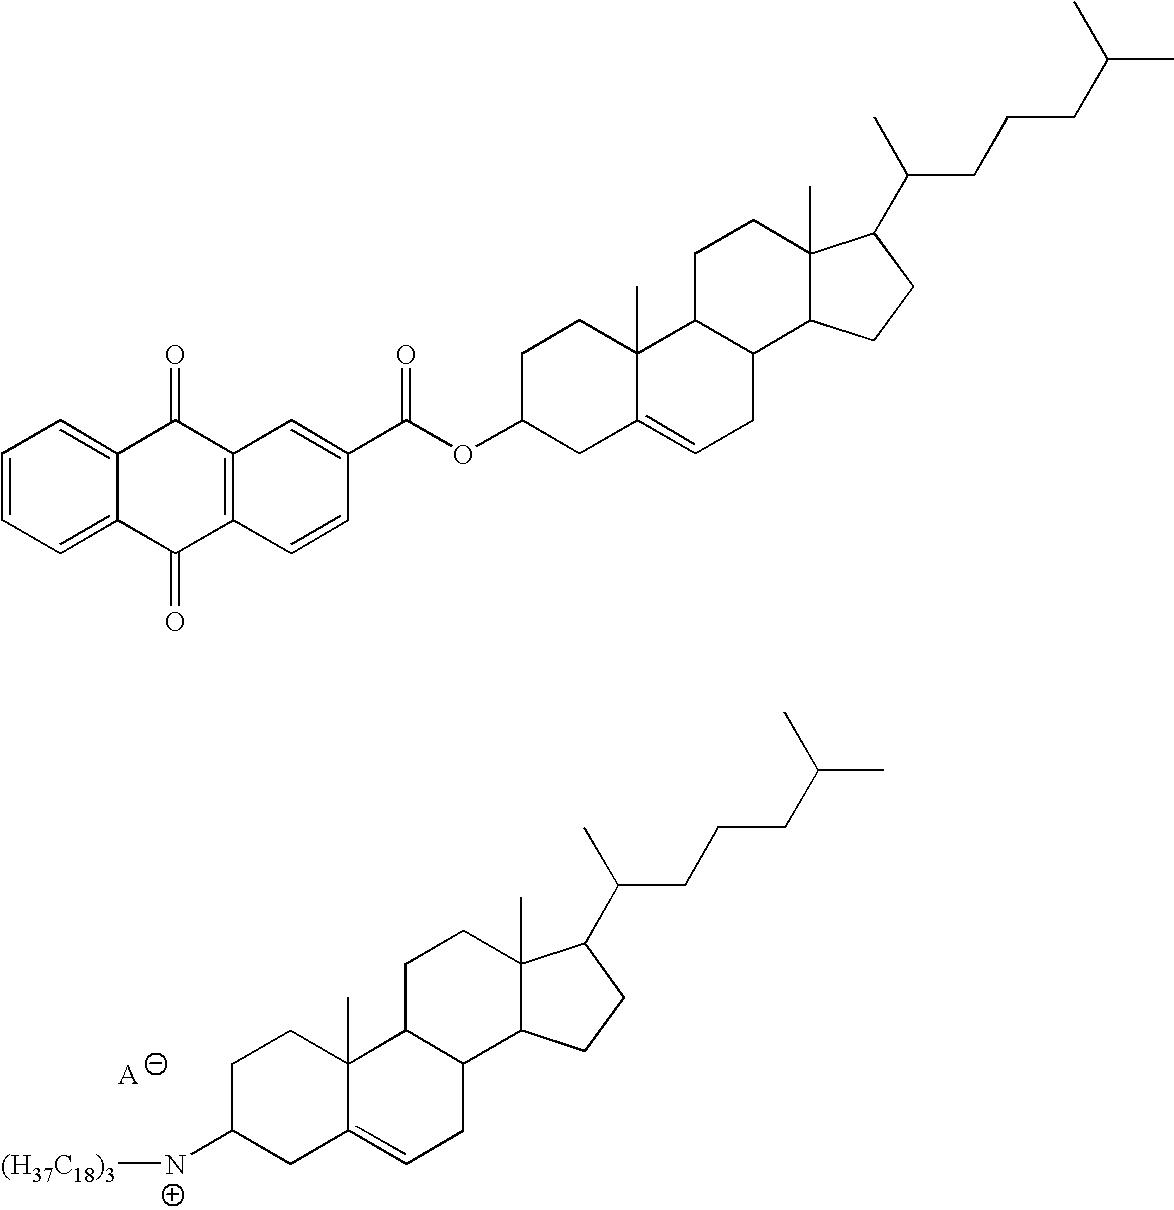 Figure US20040065227A1-20040408-C00020